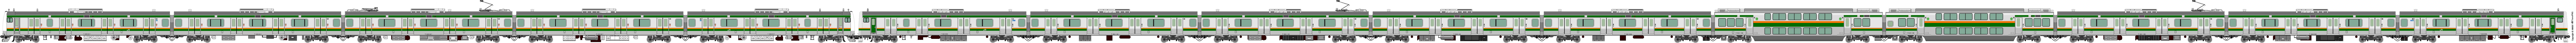 [5429] 東日本旅客鉄道 5429